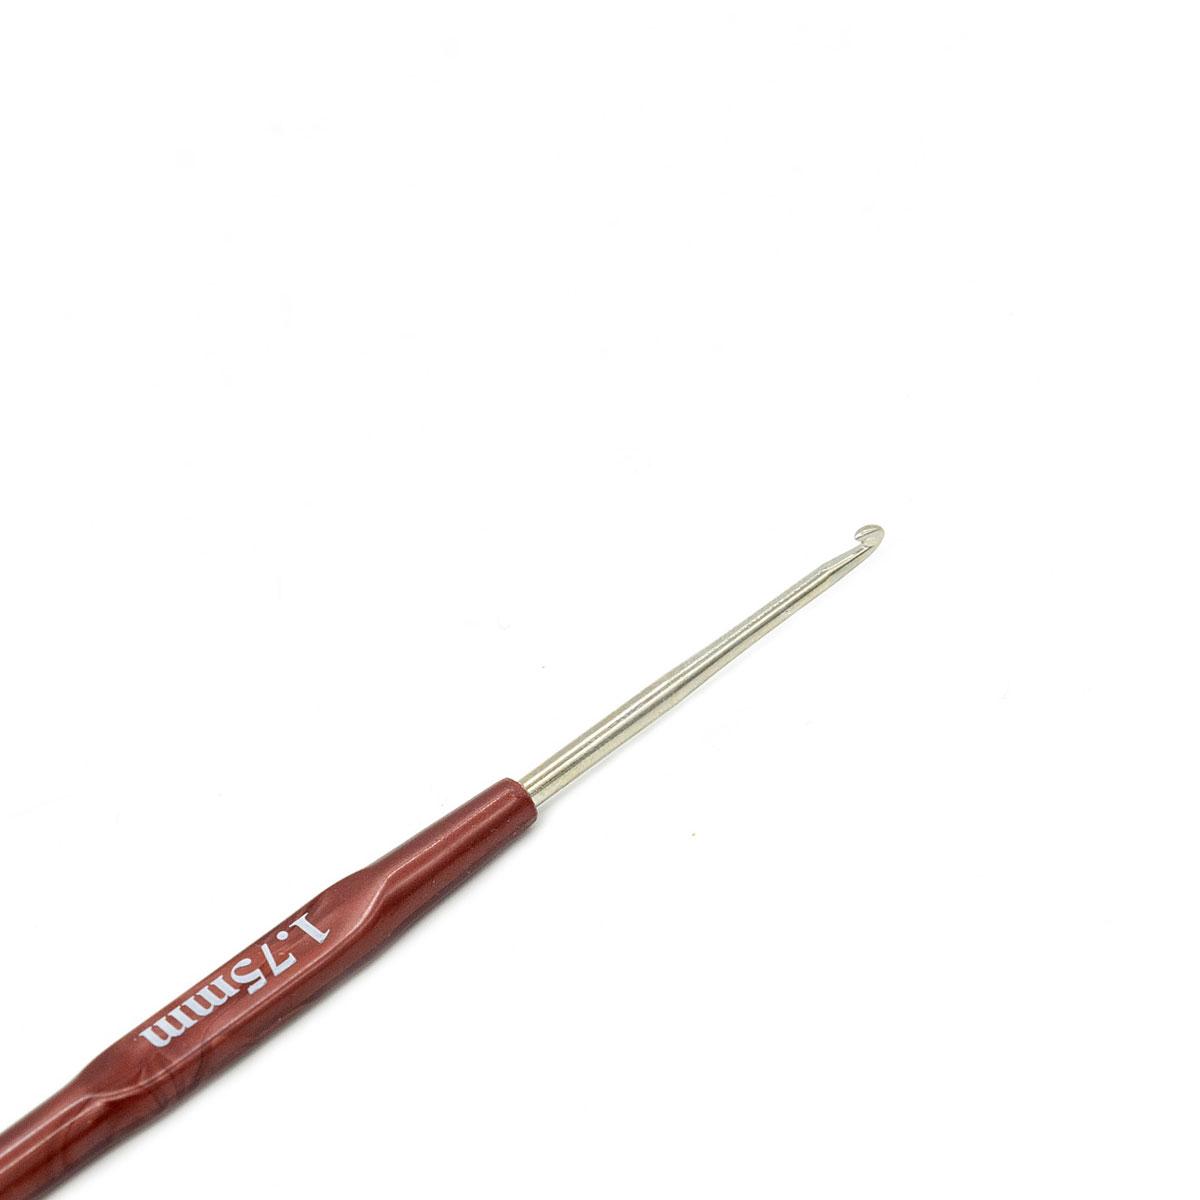 Крючок для вязания с пластиковой ручкой 955175, 1,75 мм, Hobby&Pro